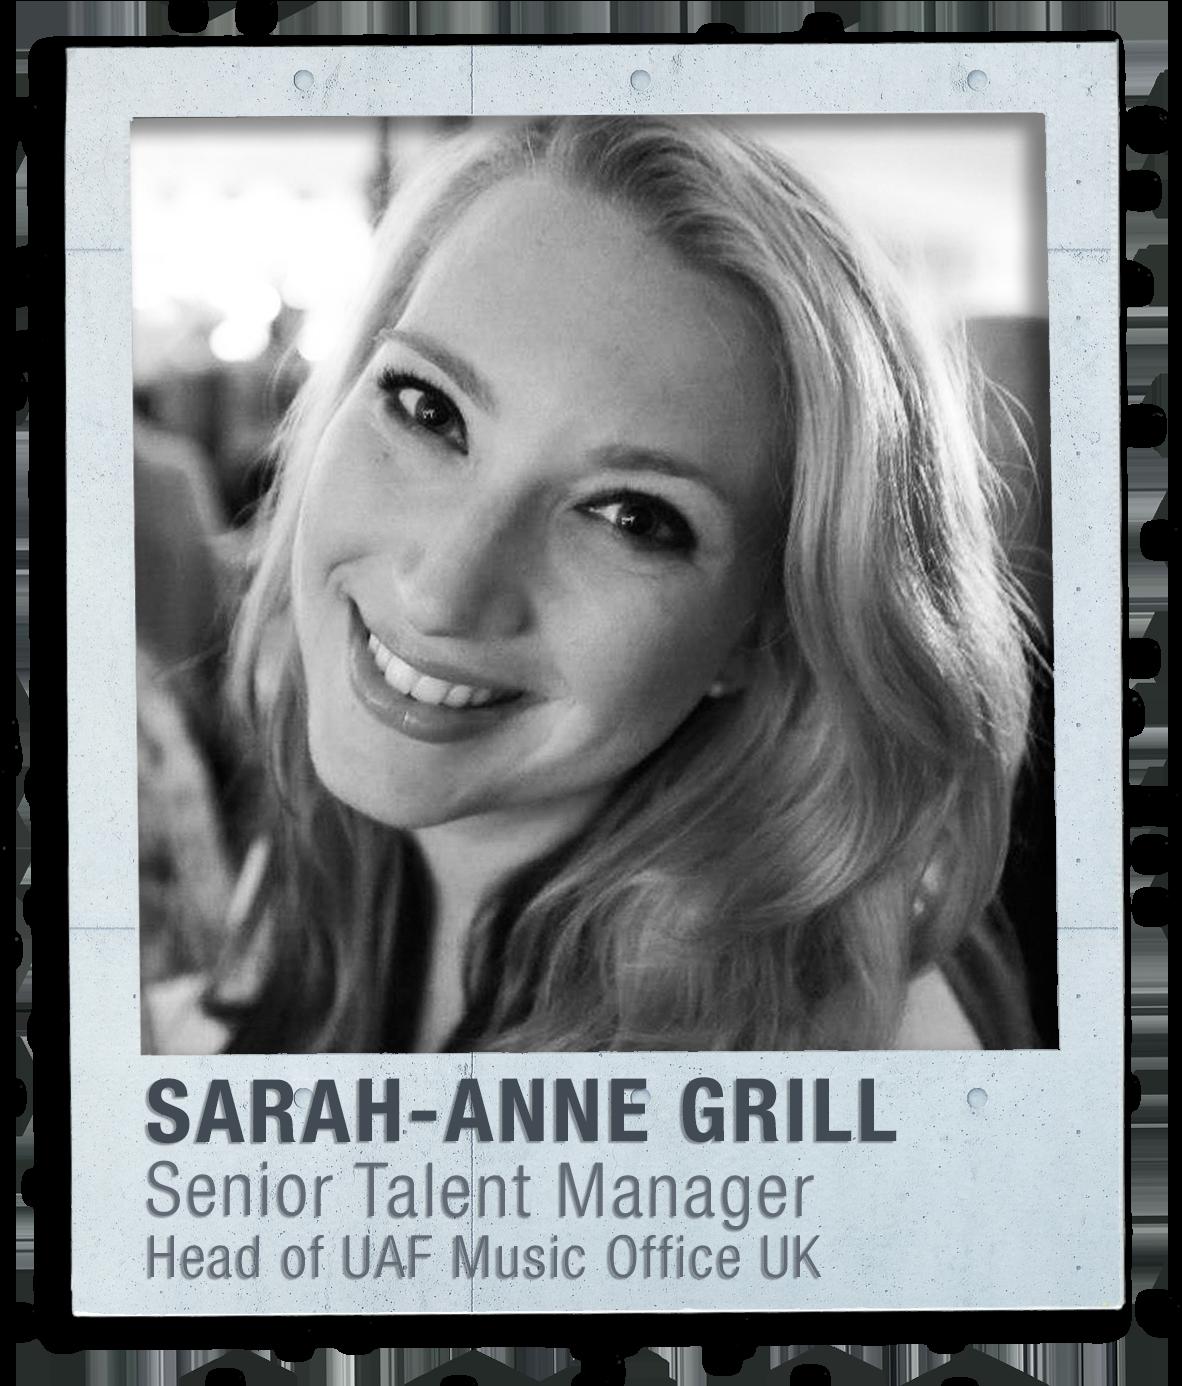 SARAH-ANNE GRILLSenior Talent Manager | UAF